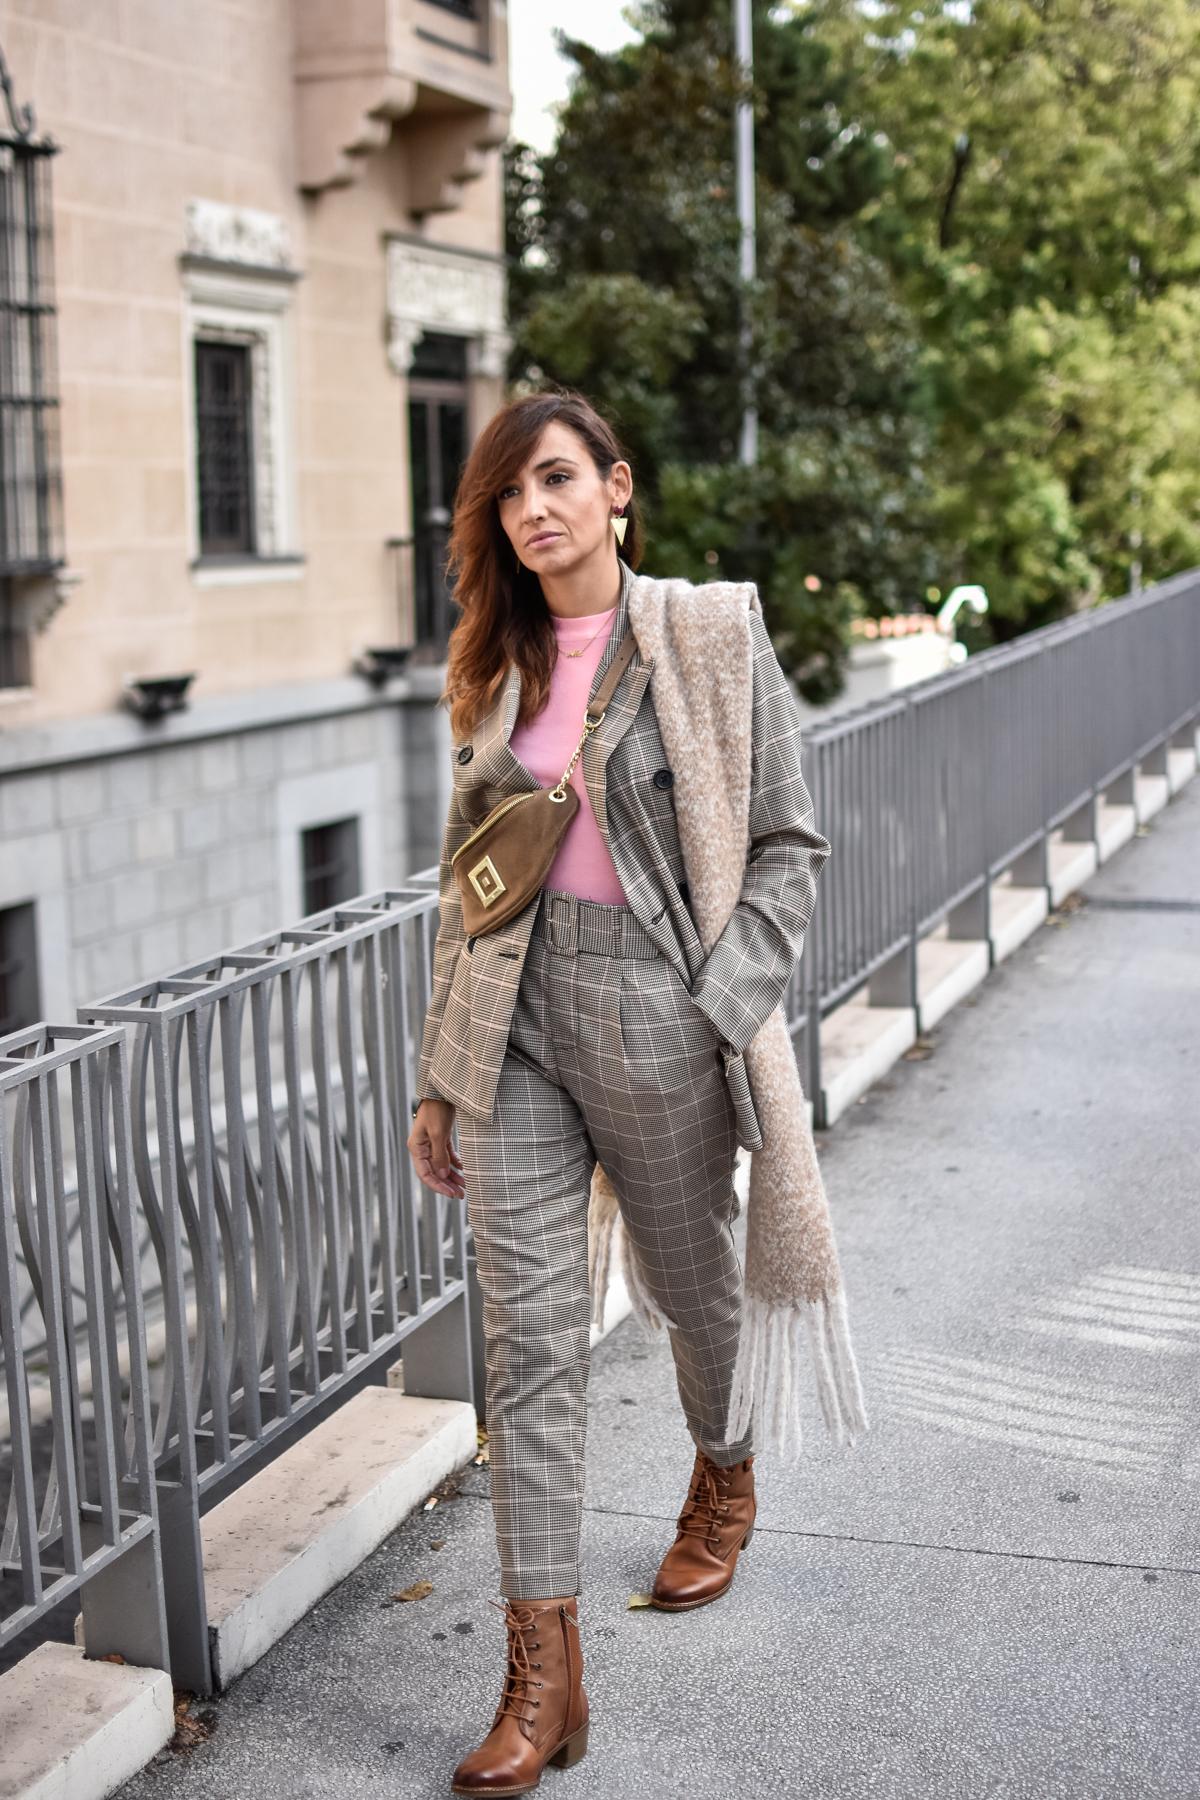 el-blog-de-silvia-tartan-suit-traje-de-cuadros-botas-pikolino-look-invierno-madrid-riñonera